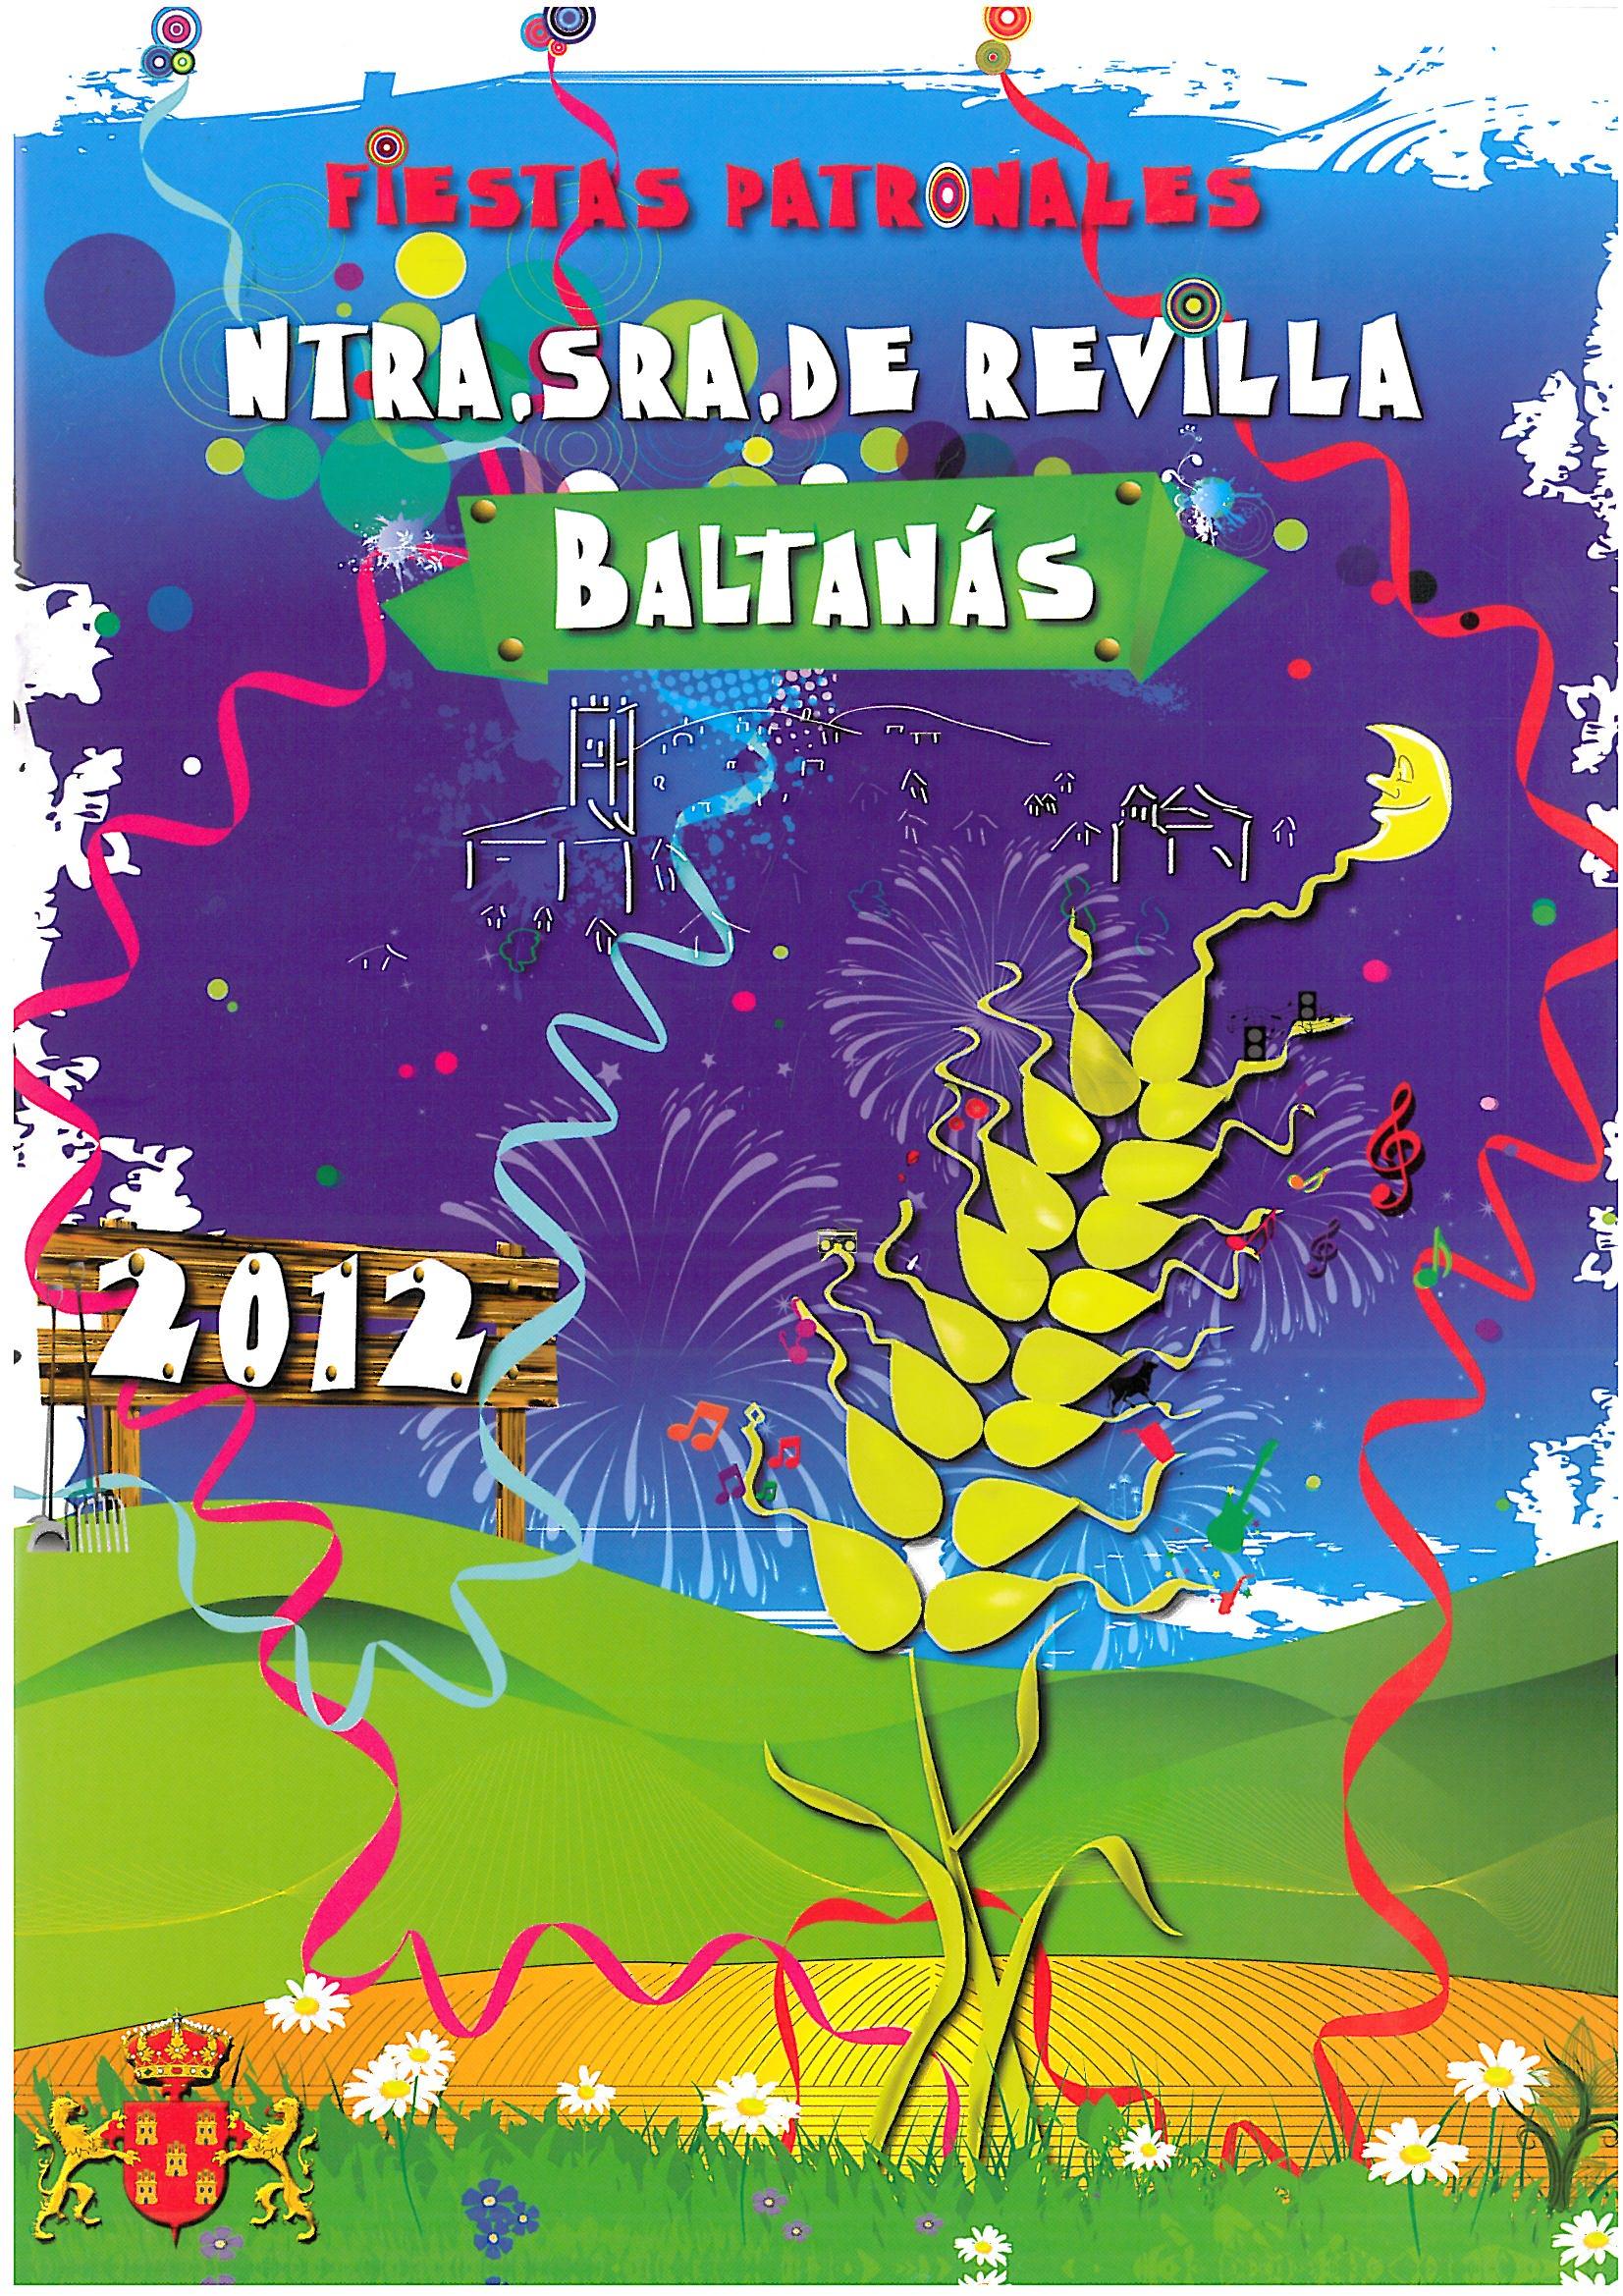 PROGRAMA FIESTAS PATRONALES NTRA. SRA. DE REVILLA 2.012